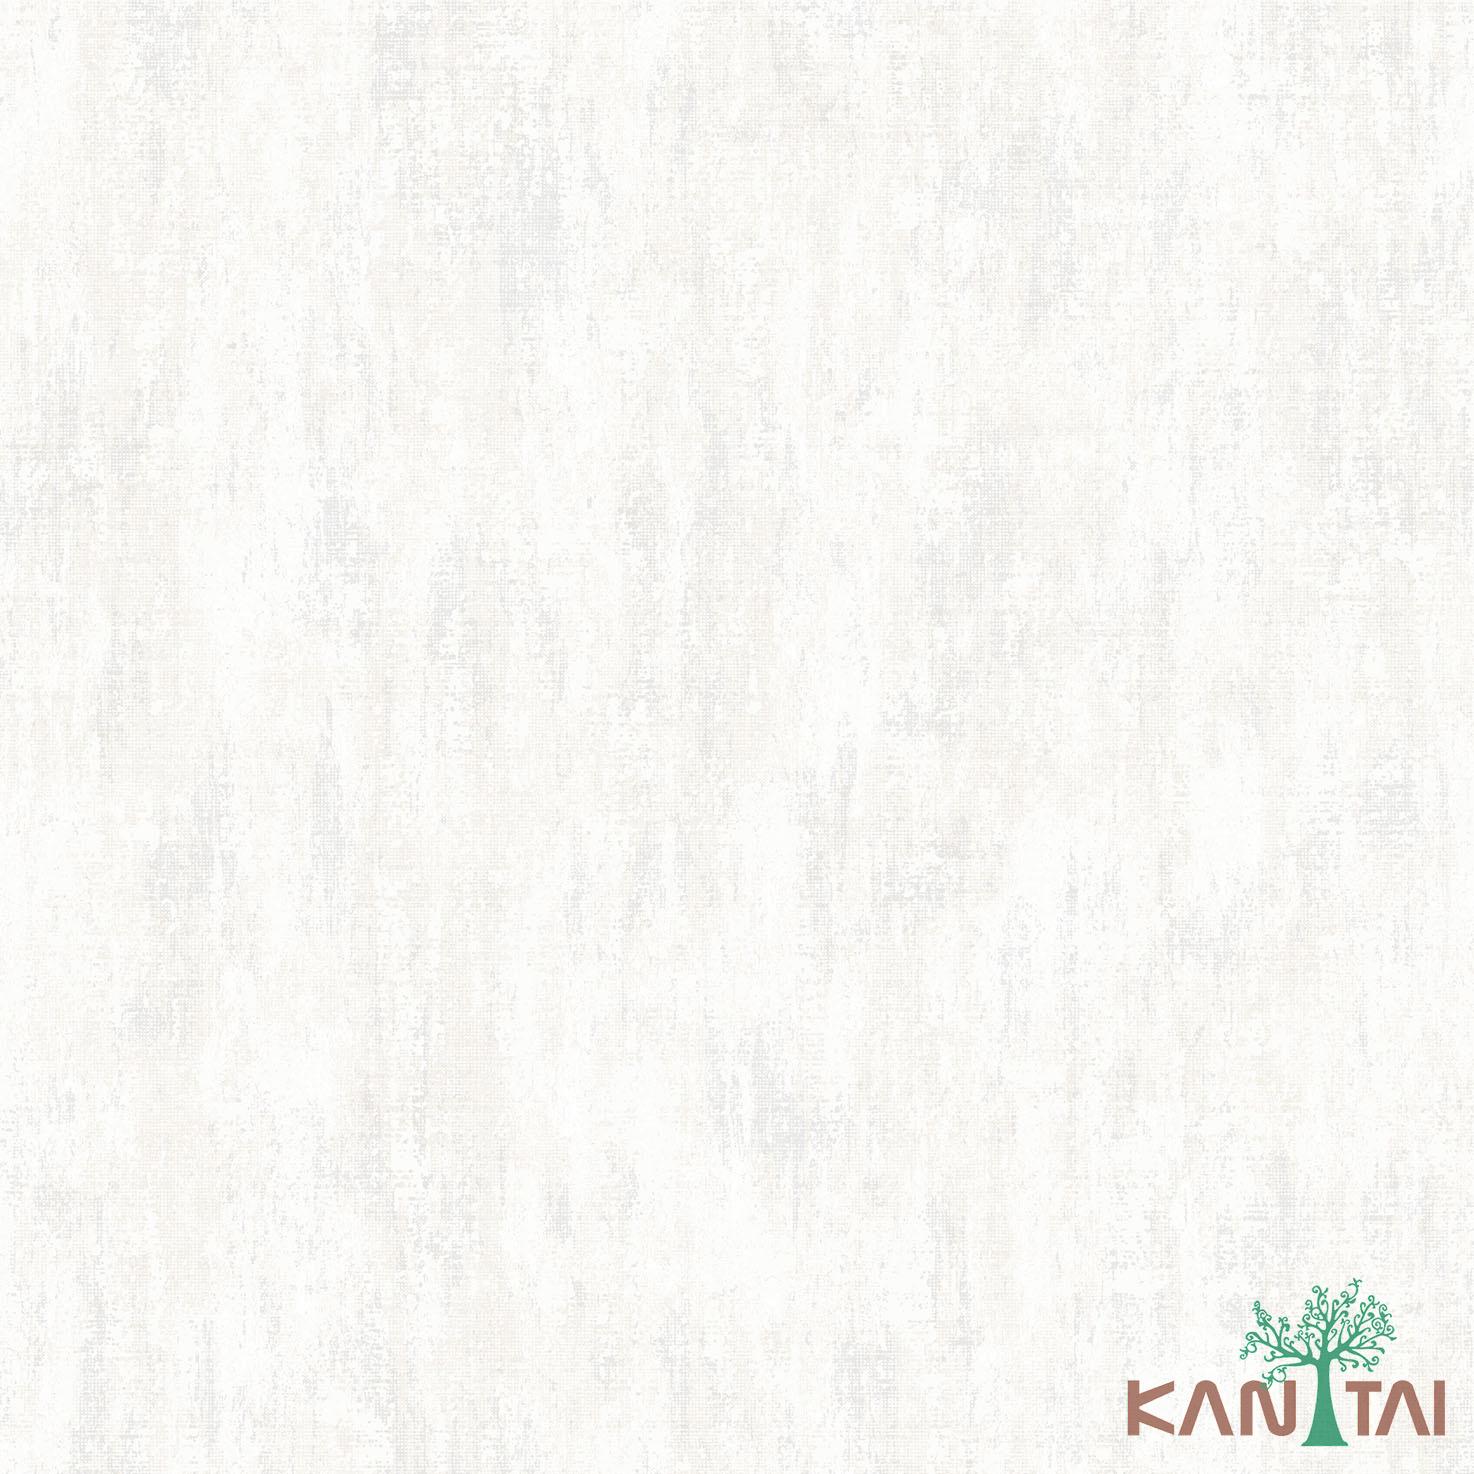 Papel de Parede Kan Tai TNT Coleção Vision Textura Off Whiten Bege, Prata, Detalhes